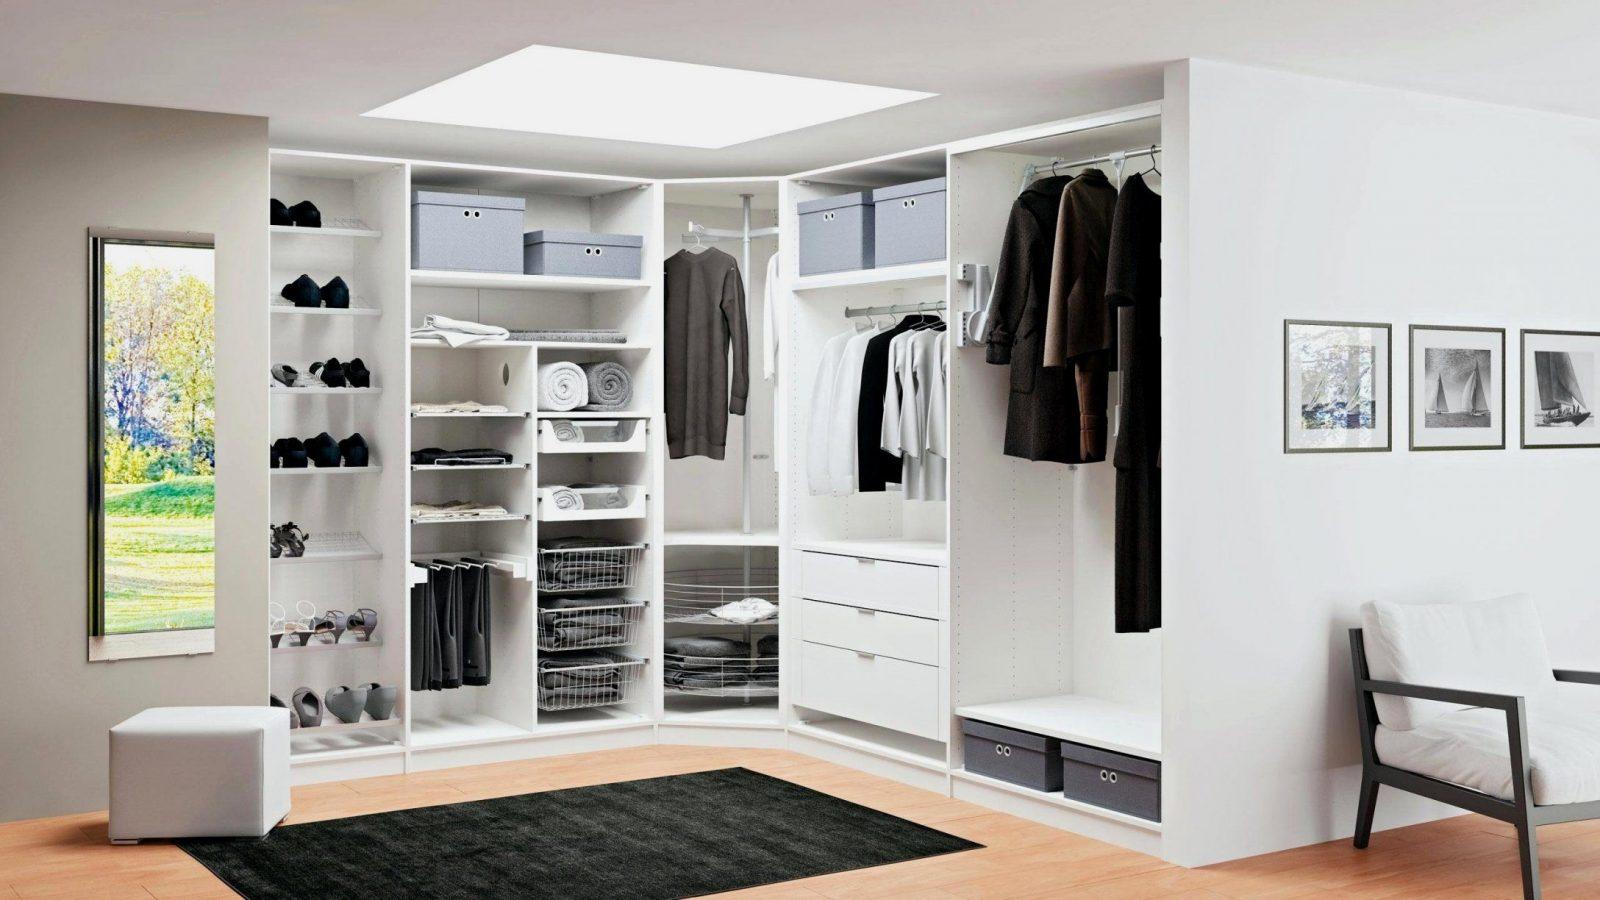 Stilvolle Regalsystem Selber Bauen Kleider Regal Fabulous Diy Falt von Kleider Regal Selber Bauen Bild